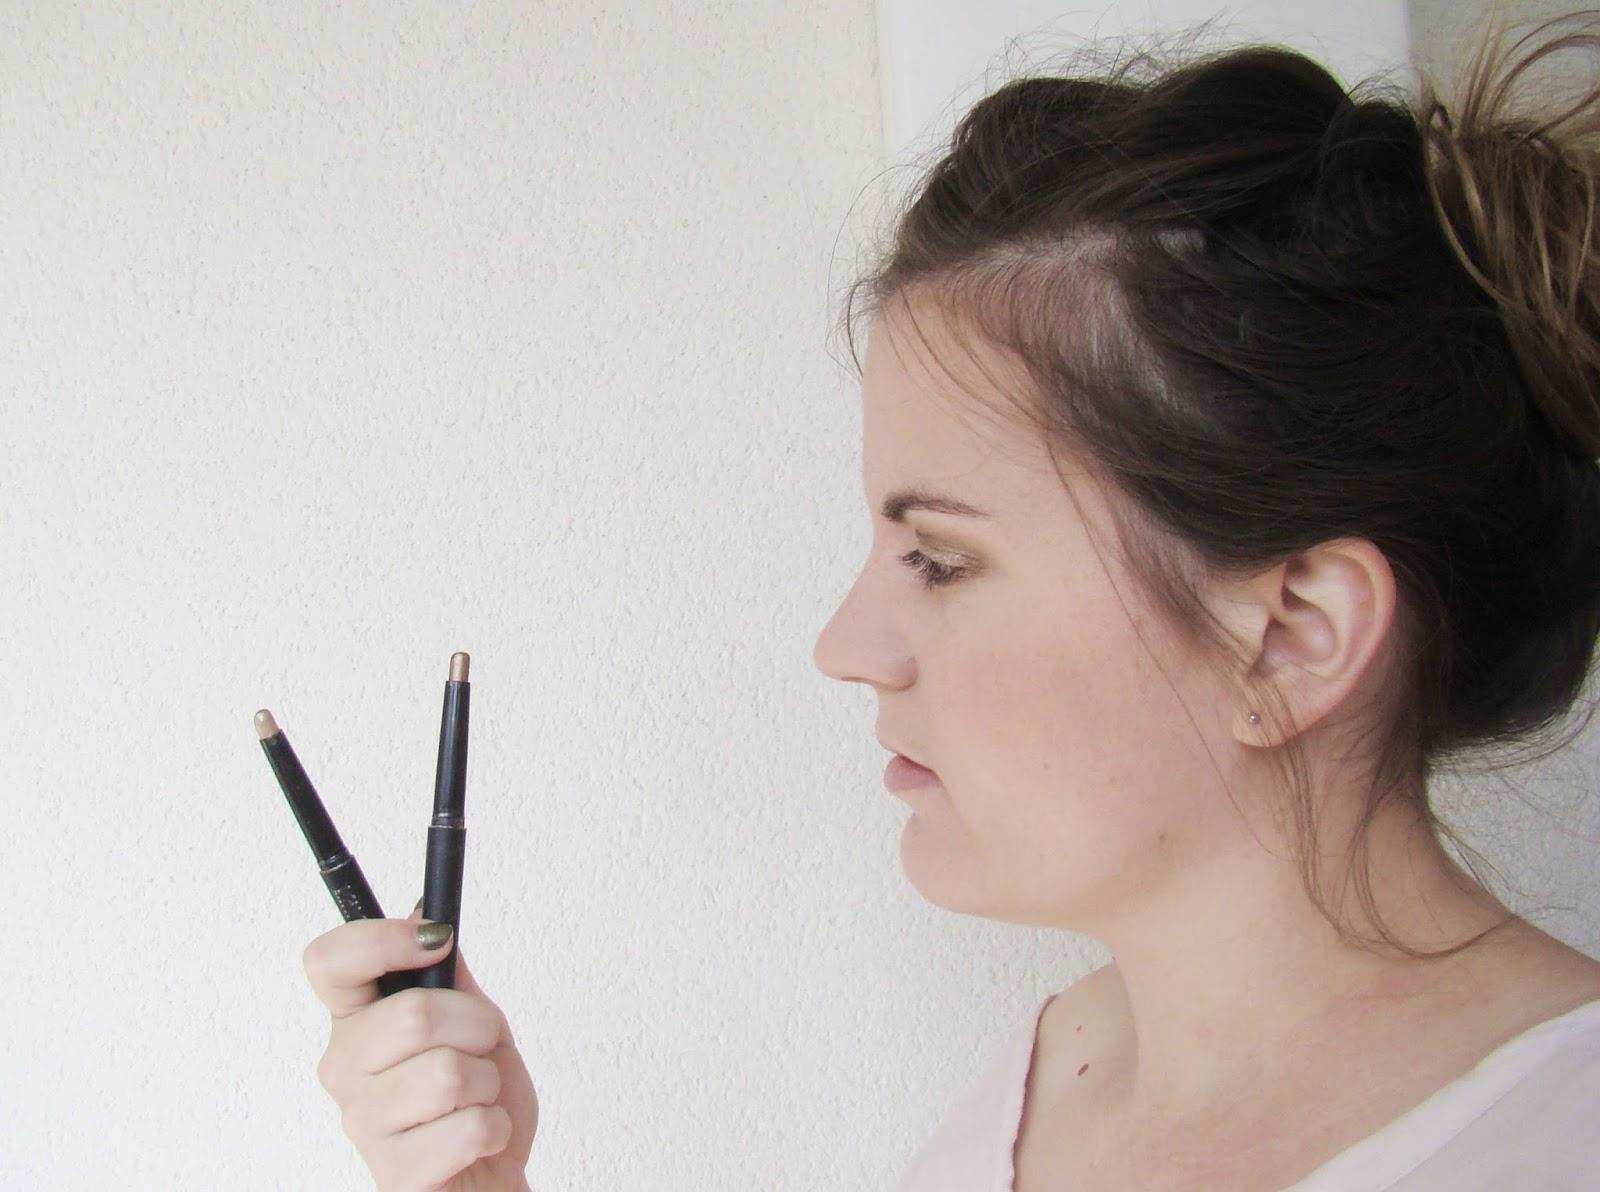 Maquillage 2 minutes chrono avec Kiko